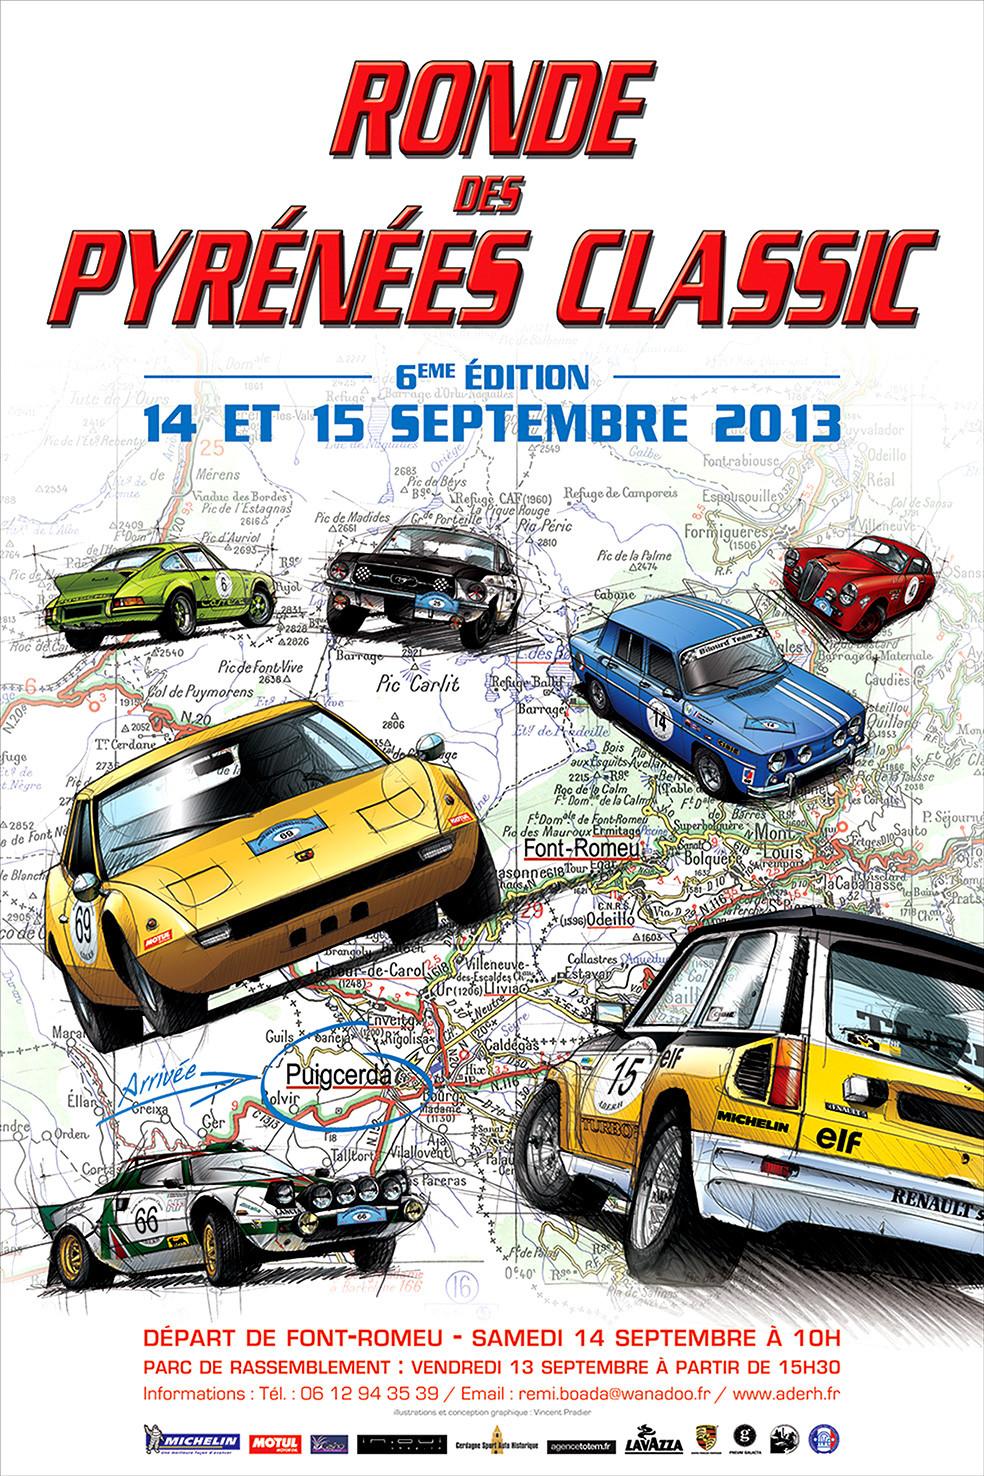 Ronde des Pyrénées Classic 2013